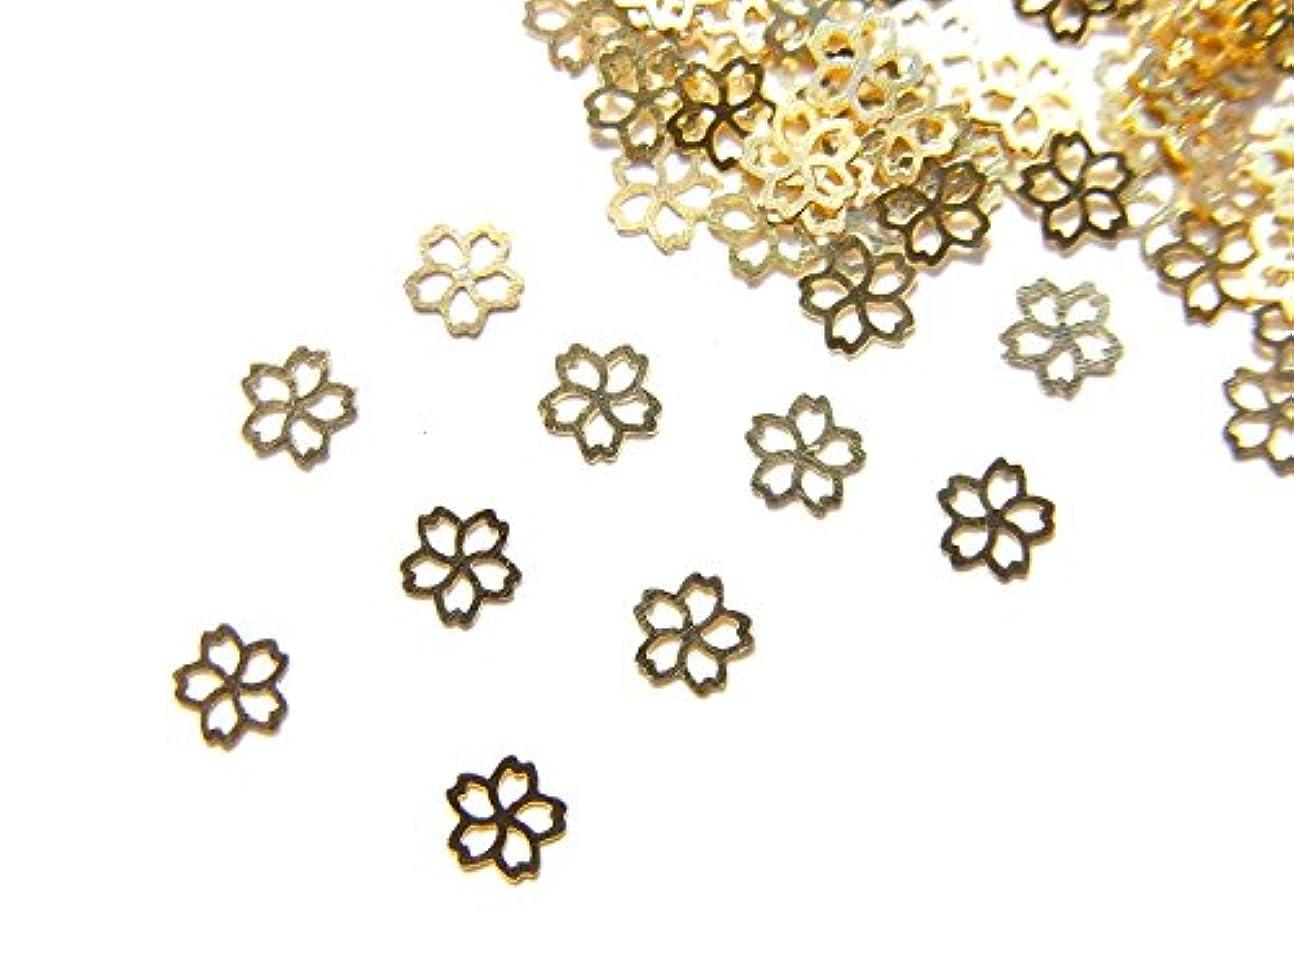 配管水星ながら【jewel】ug27 春ネイル 薄型ゴールド メタルパーツ Sサイズ 桜 サクラB 10個入り ネイルアートパーツ レジンパーツ